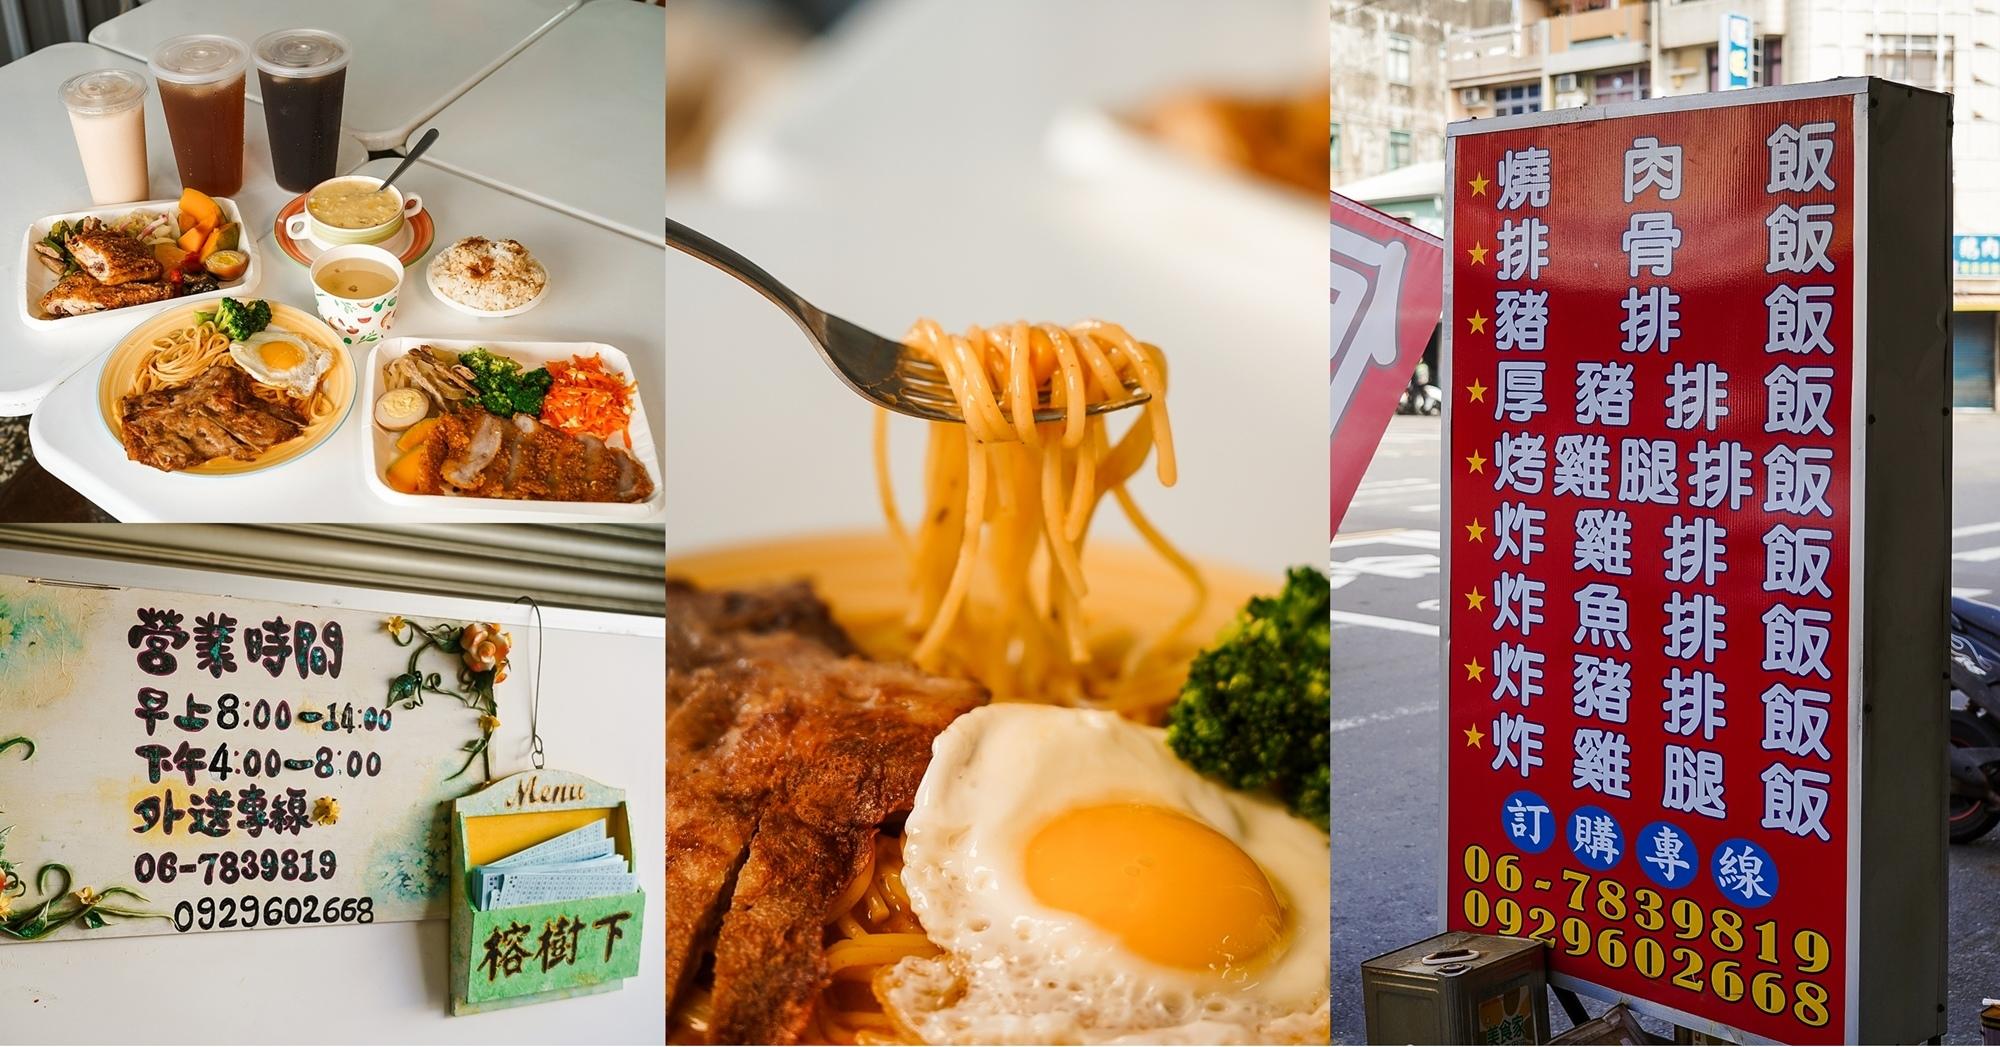 台南學甲 榕樹下快餐店 平價便當 竟有熟客才知道的隱藏版餐點.jpg